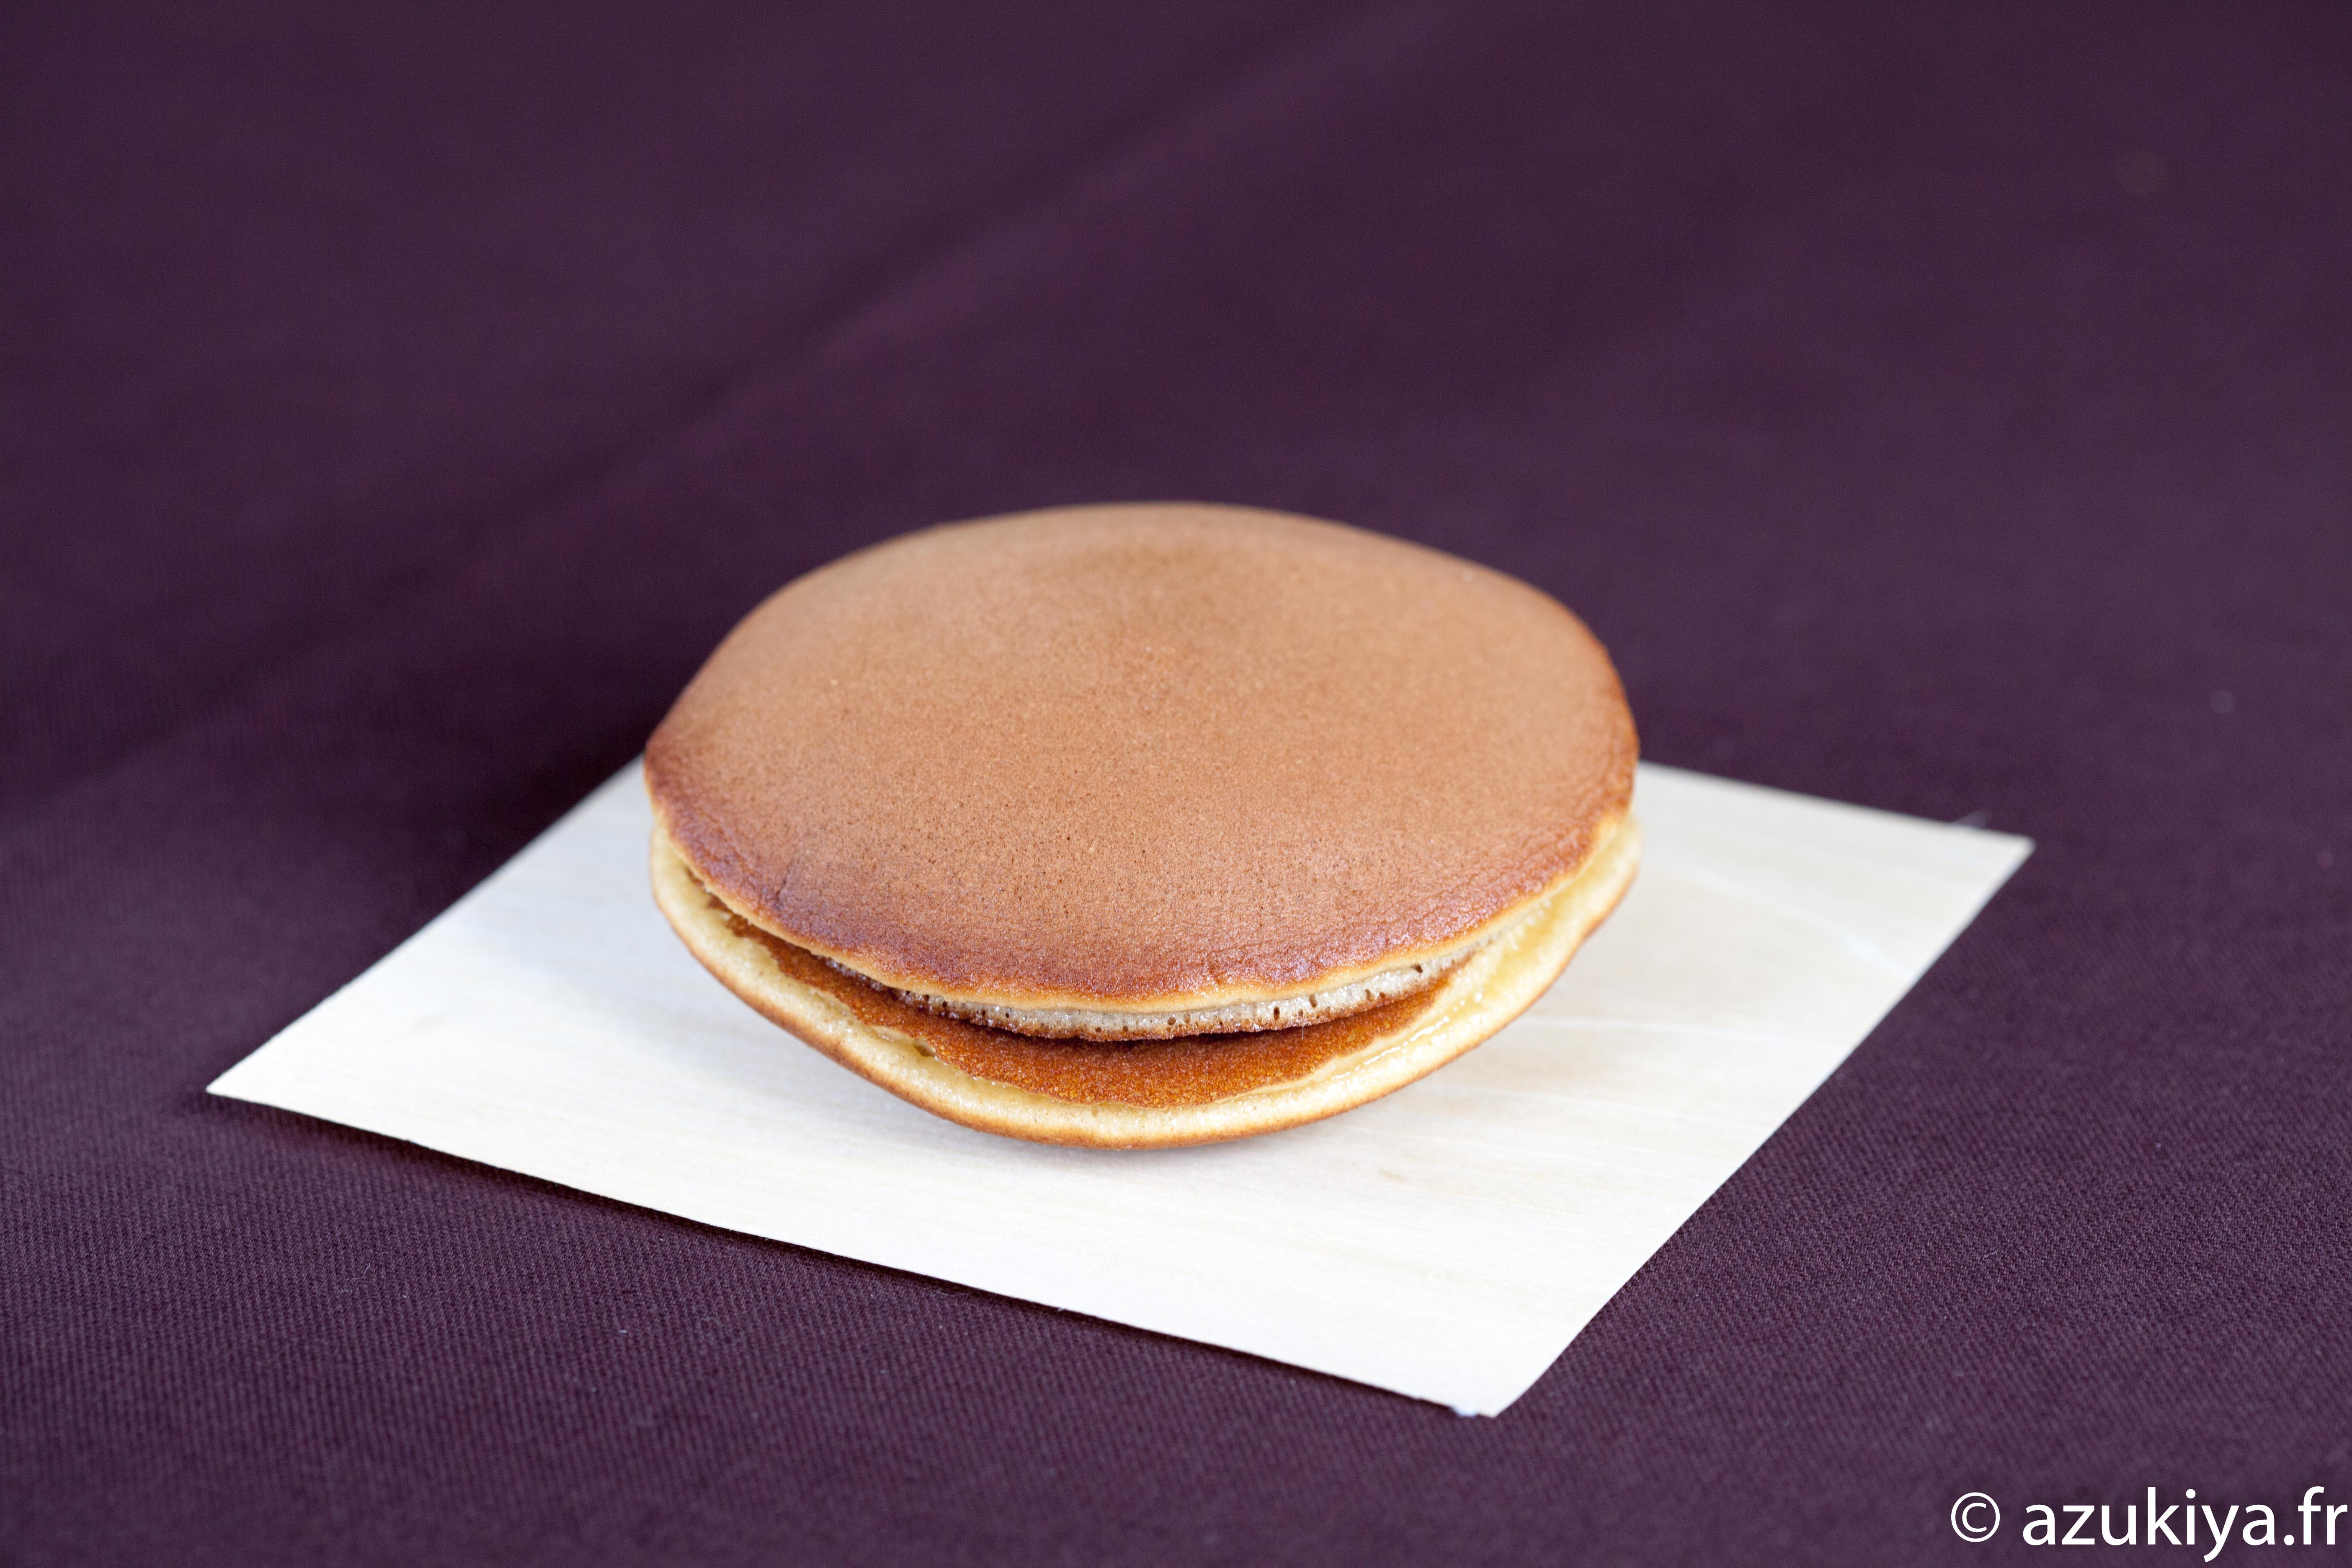 Les 10 Gâteaux à Lazuki Les Plus Populaires Au Japon Azukiya